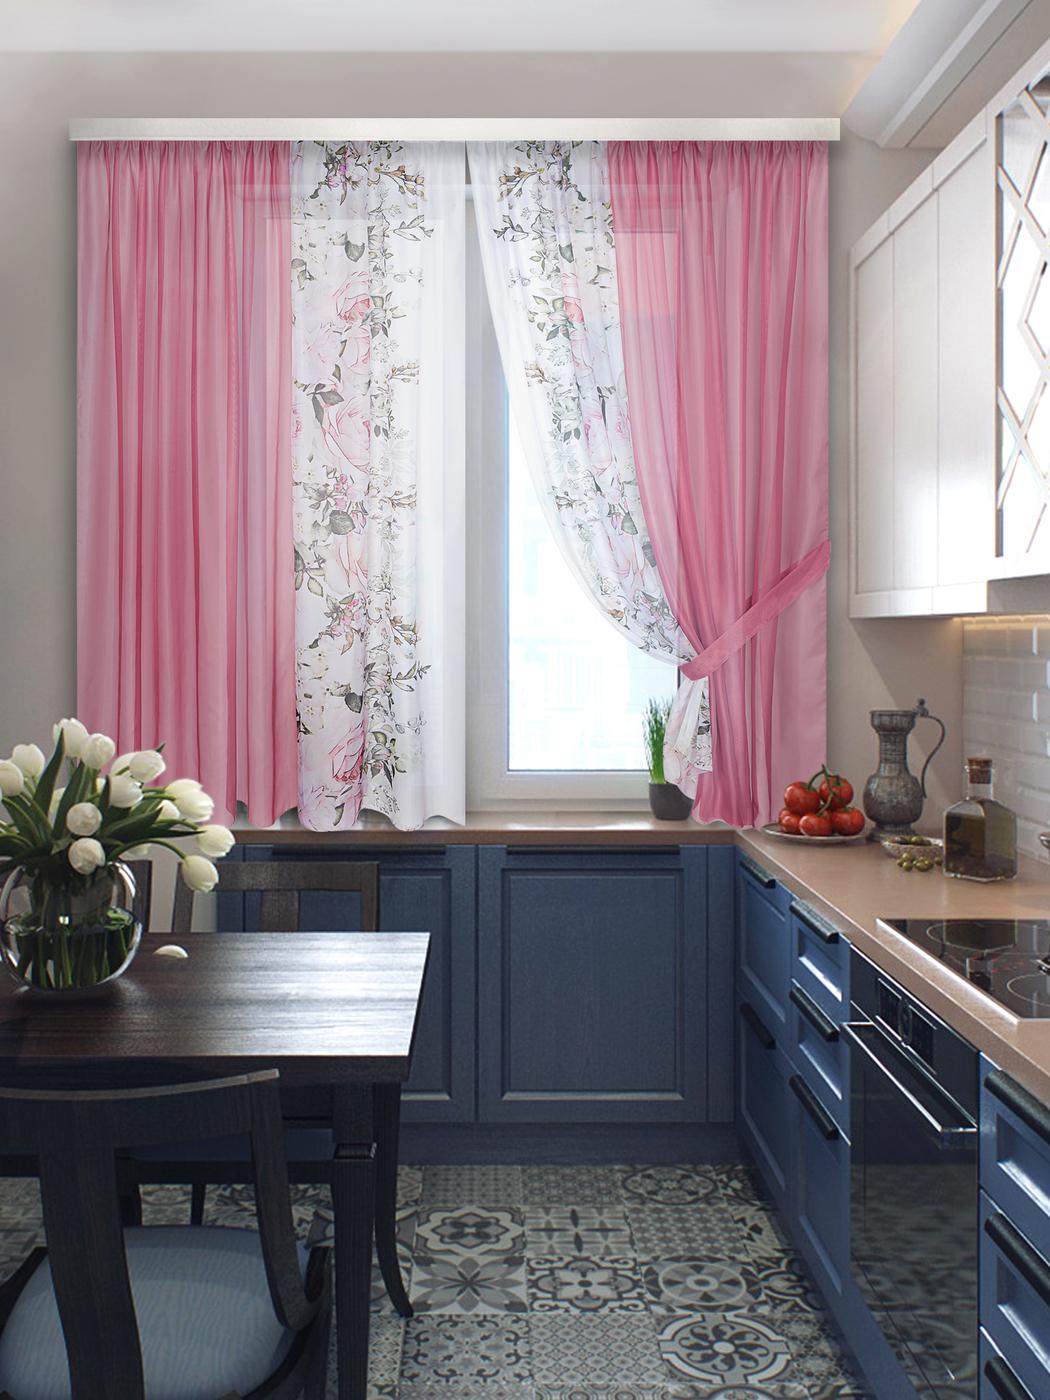 дизайн штор для кухни белого цвета фото этого застройщика действительно